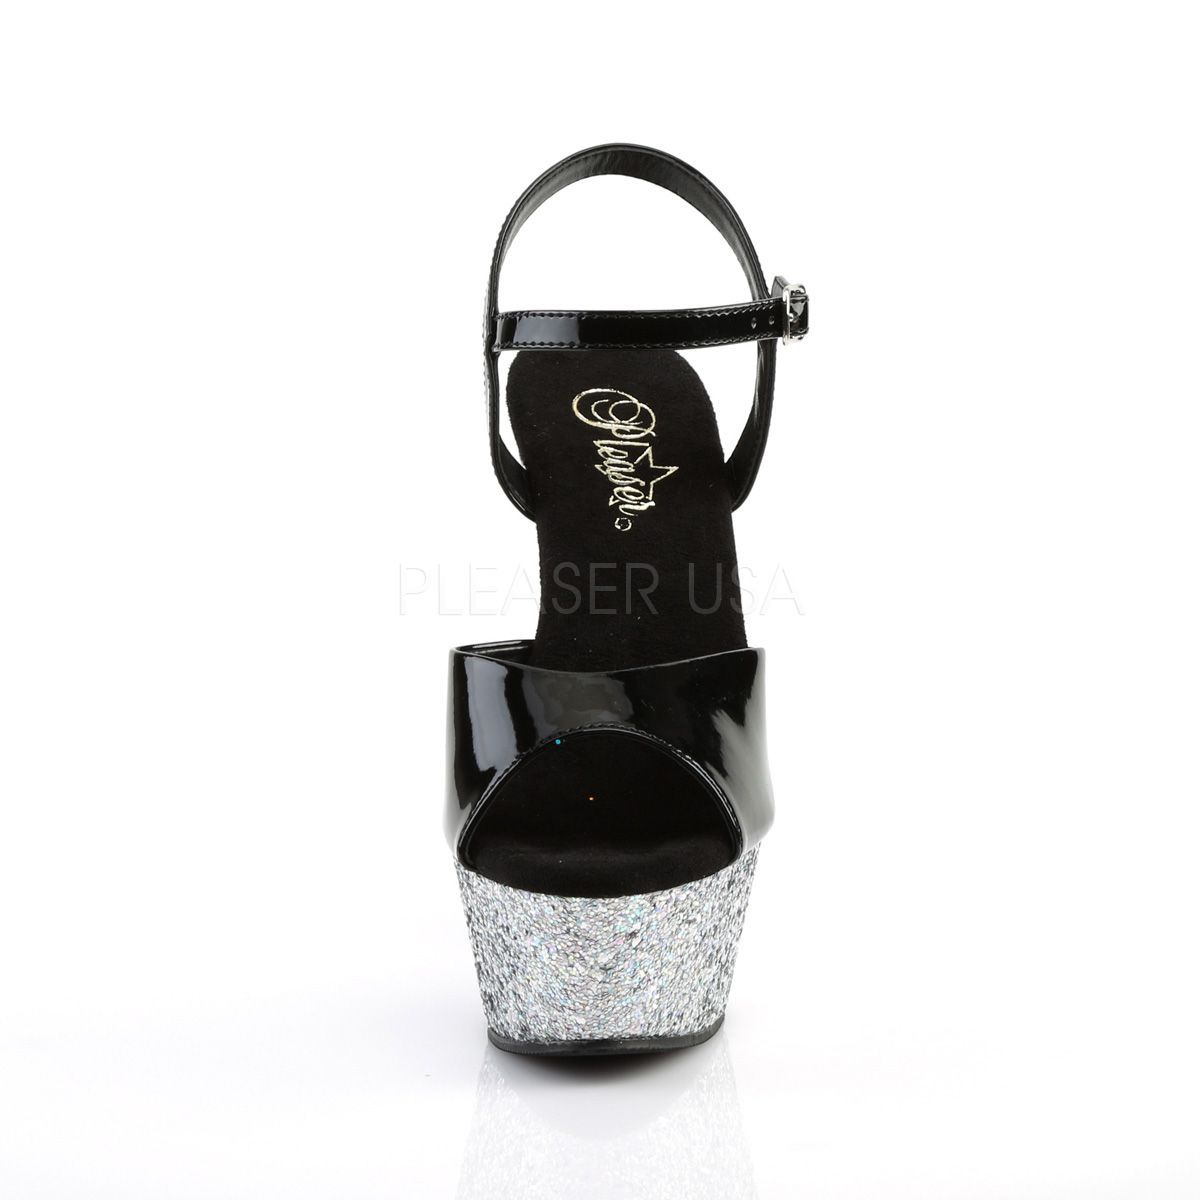 Sandália Kiss 209 LG Glitter - Pleaser (encomenda)